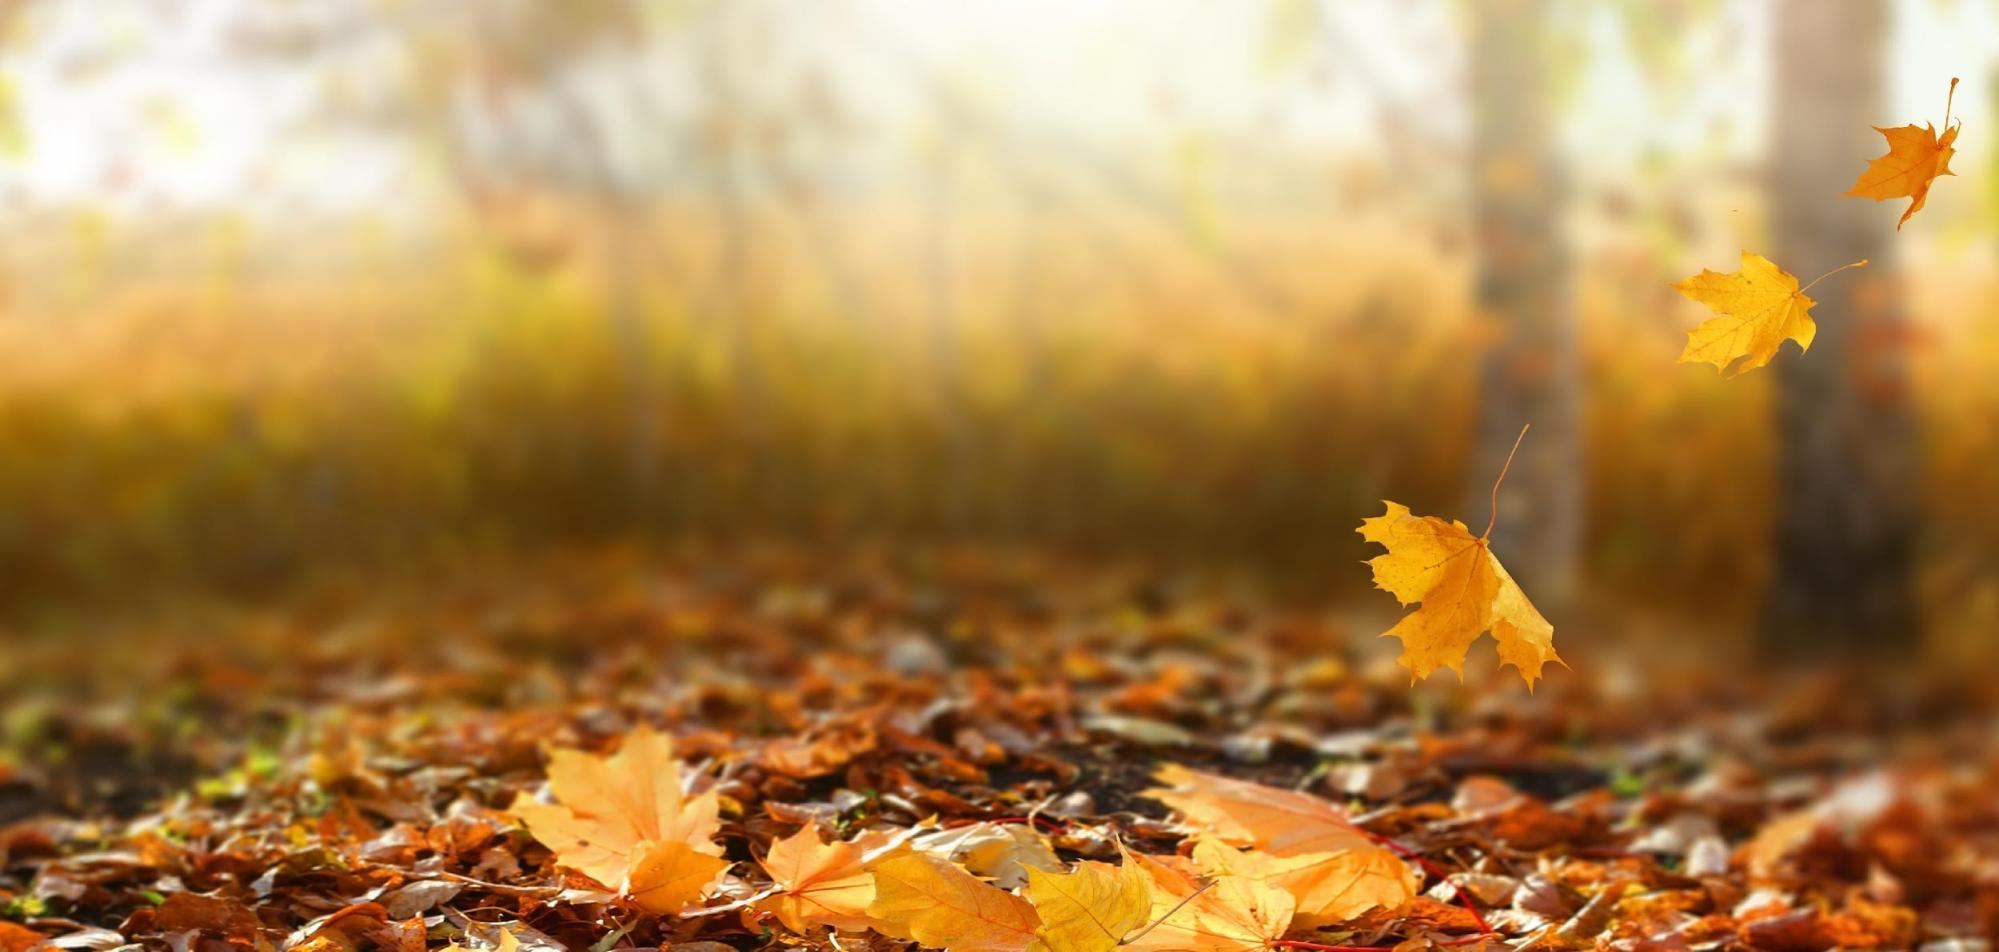 カラオケで歌いたい秋の歌はコレ!おすすめ秋ソング&秋うた ...